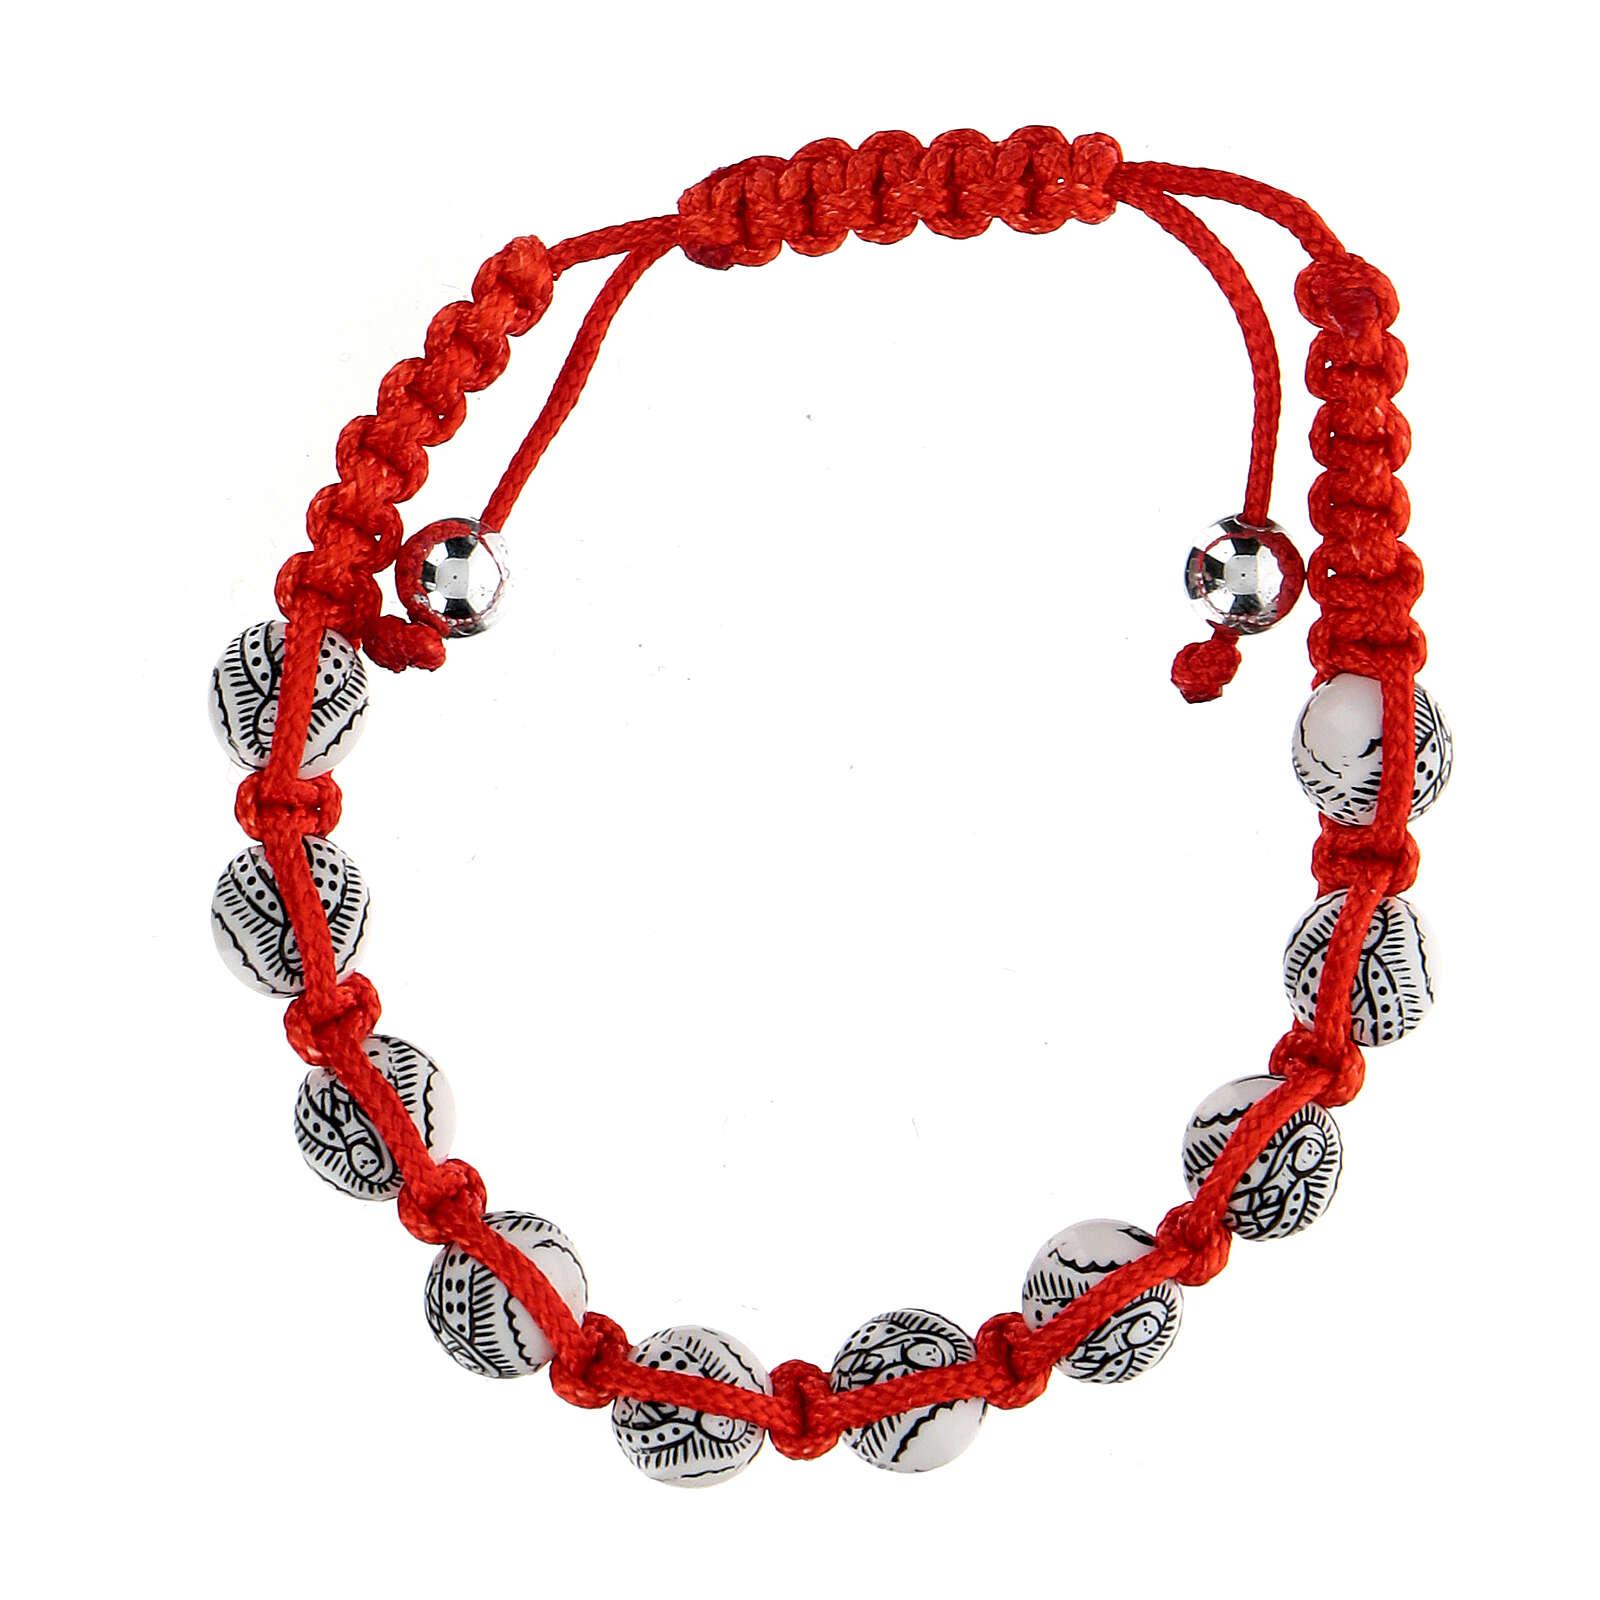 Pulsera Decena Virgen Guadalupe cuerda roja 5 mm 4